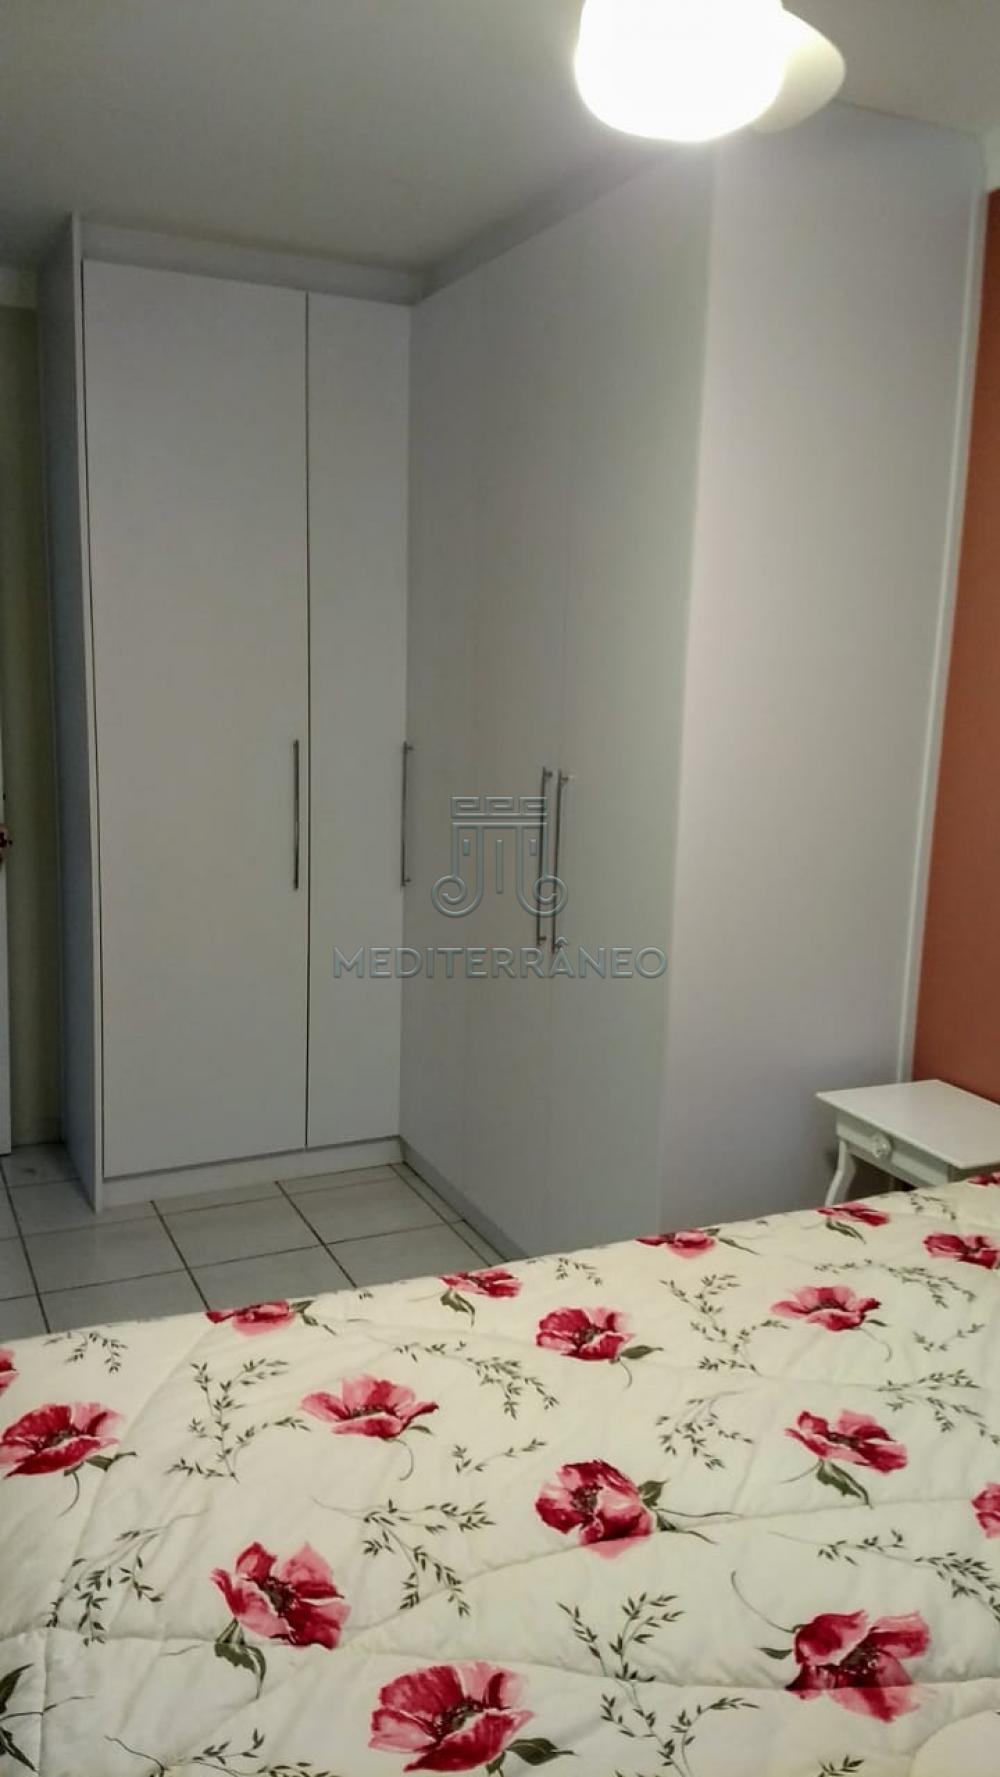 Comprar Apartamento / Padrão em Jundiaí apenas R$ 245.000,00 - Foto 5